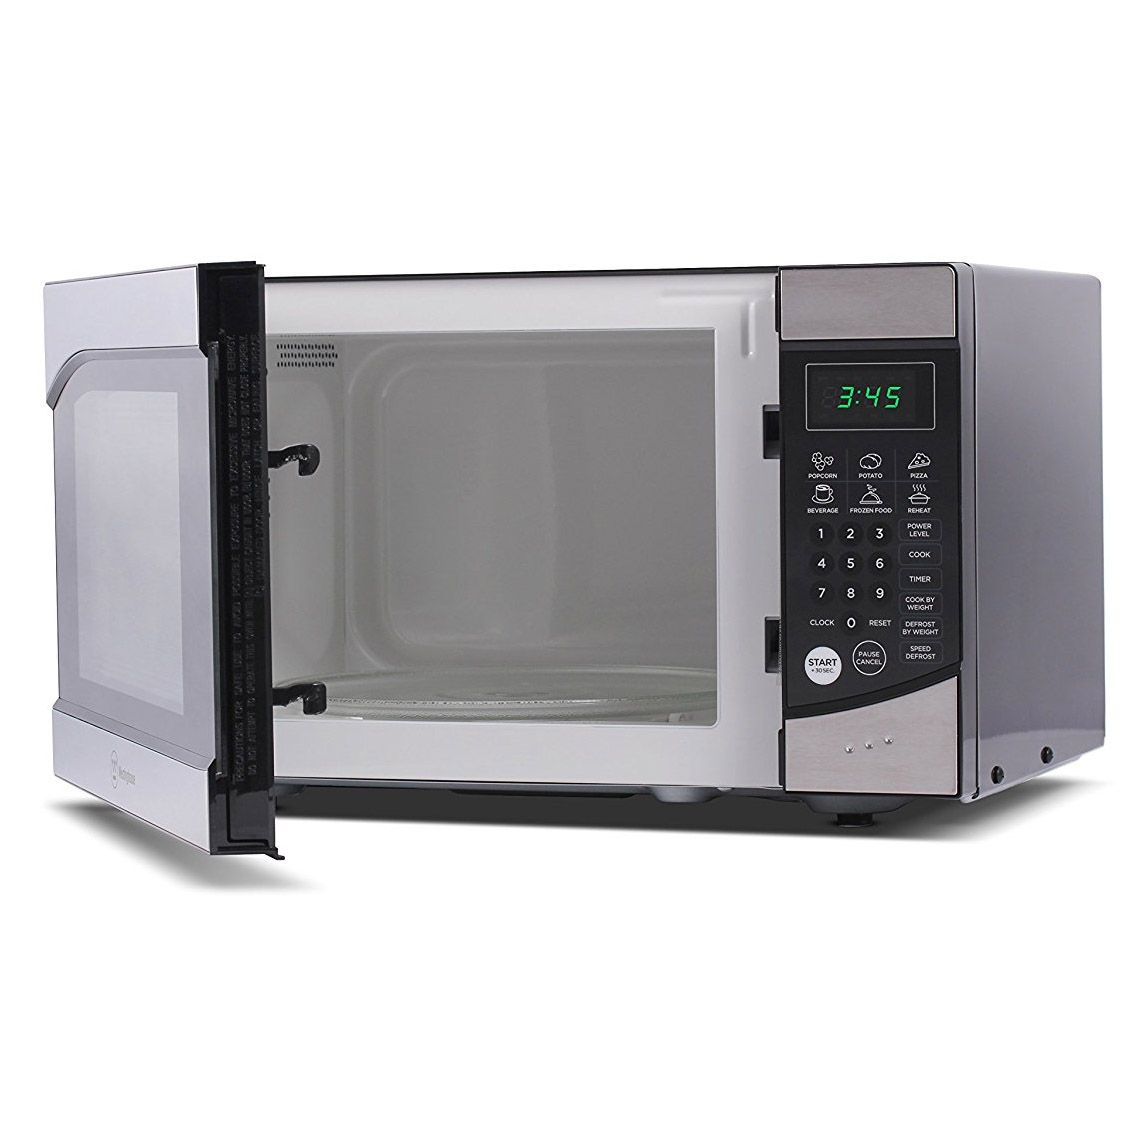 Top 5 Best Sellers Countertop Microwave Ovens Best Bestseller Bestselling Kitchen Micro Top Microwaves Countertop Microwave Countertop Microwave Oven